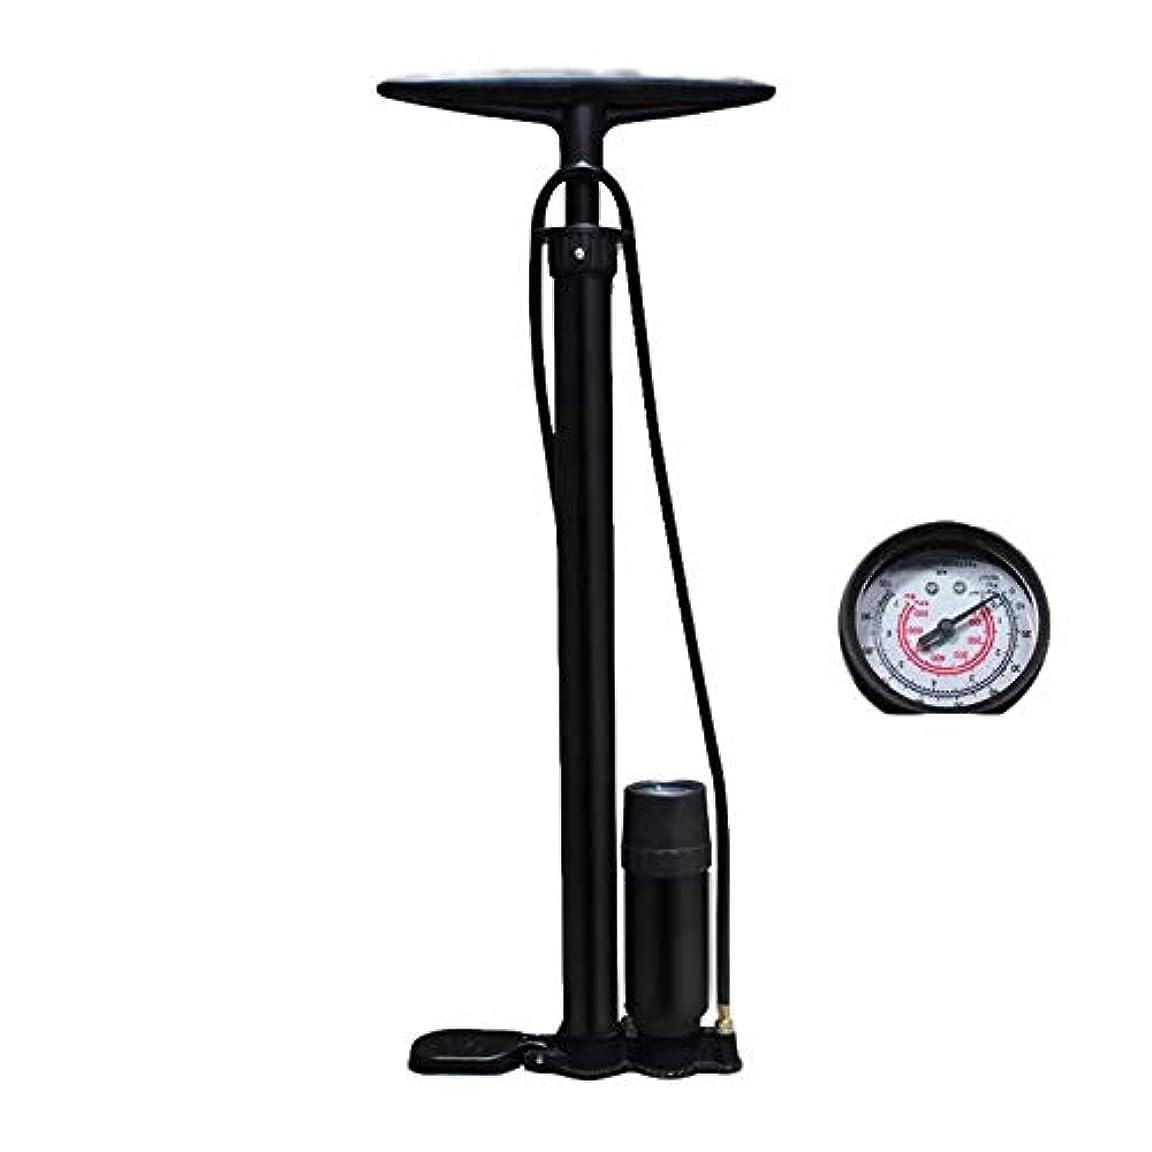 取り付け恨みマカダム自転車用ポンプ 高圧バイクの立場の床ポンプScharder及びPrestaはゲージが付いている100のPSIの床ドライブを弁で囲みます 耐久性高 多機能 (色 : ブラック, サイズ : 60cm)